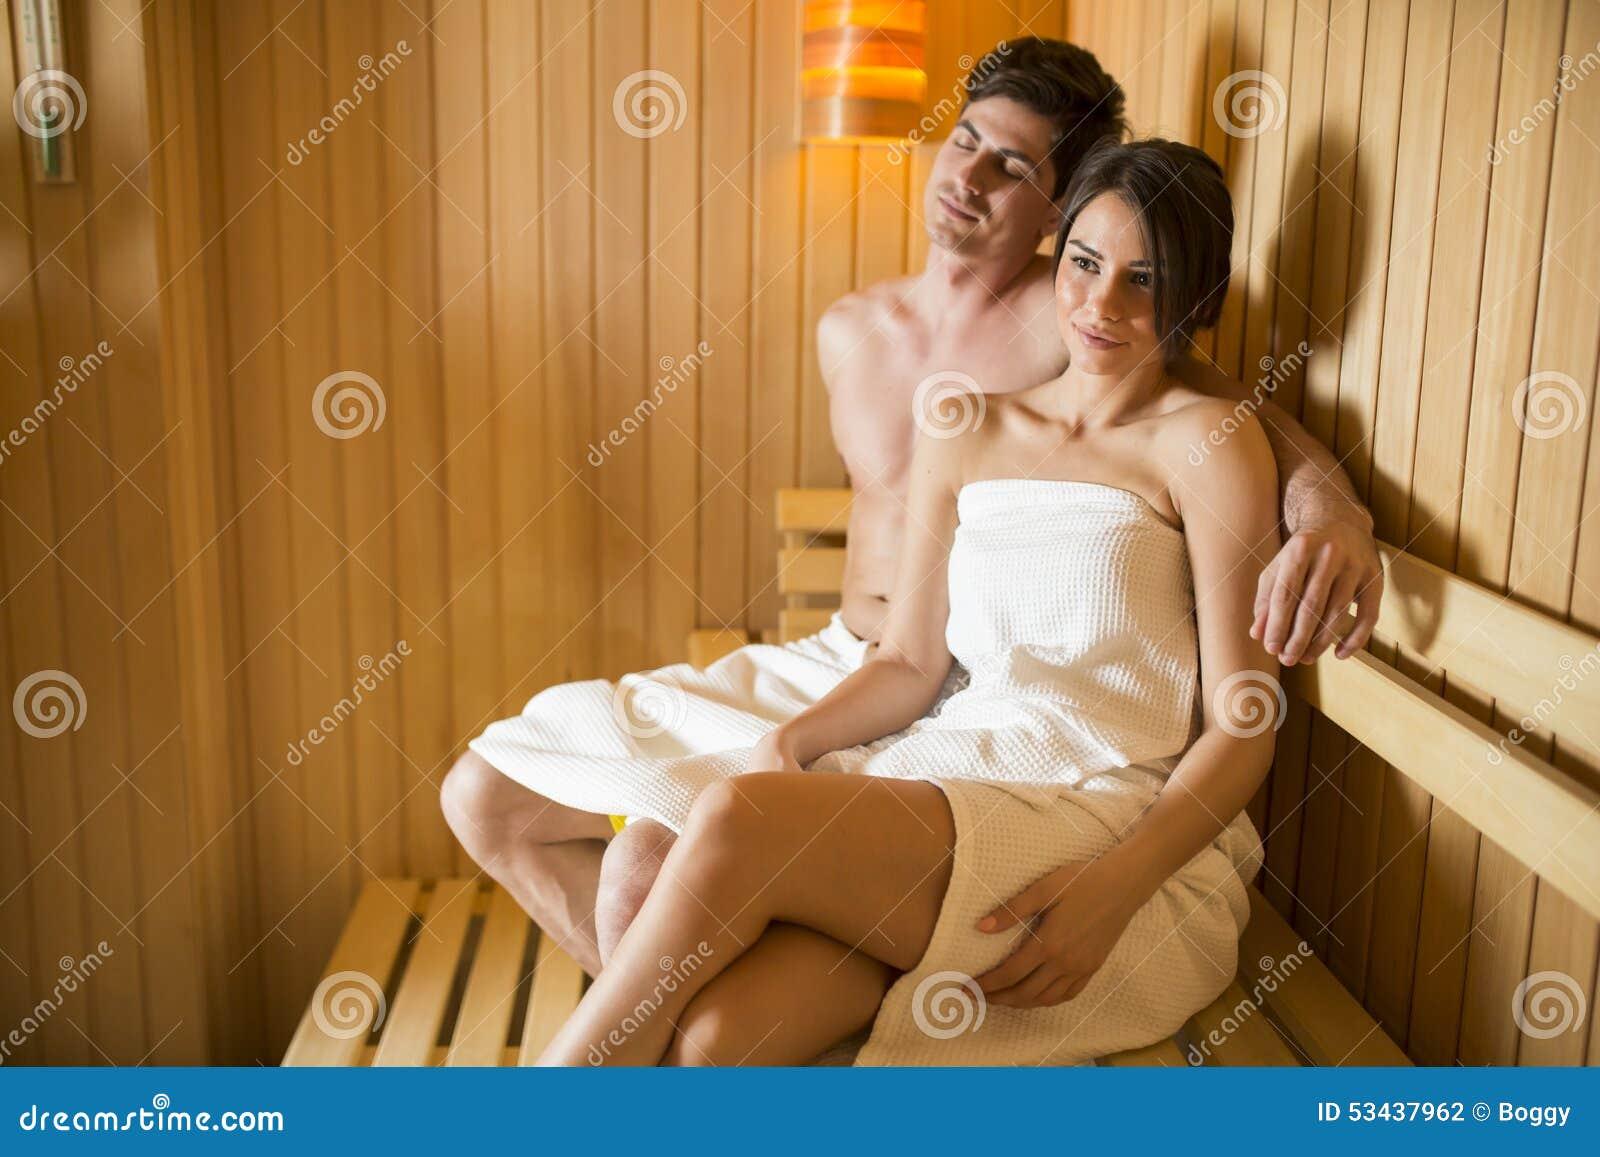 Фото зрелые баня, Частное фото сочных женщин в бане частное порно фото 24 фотография